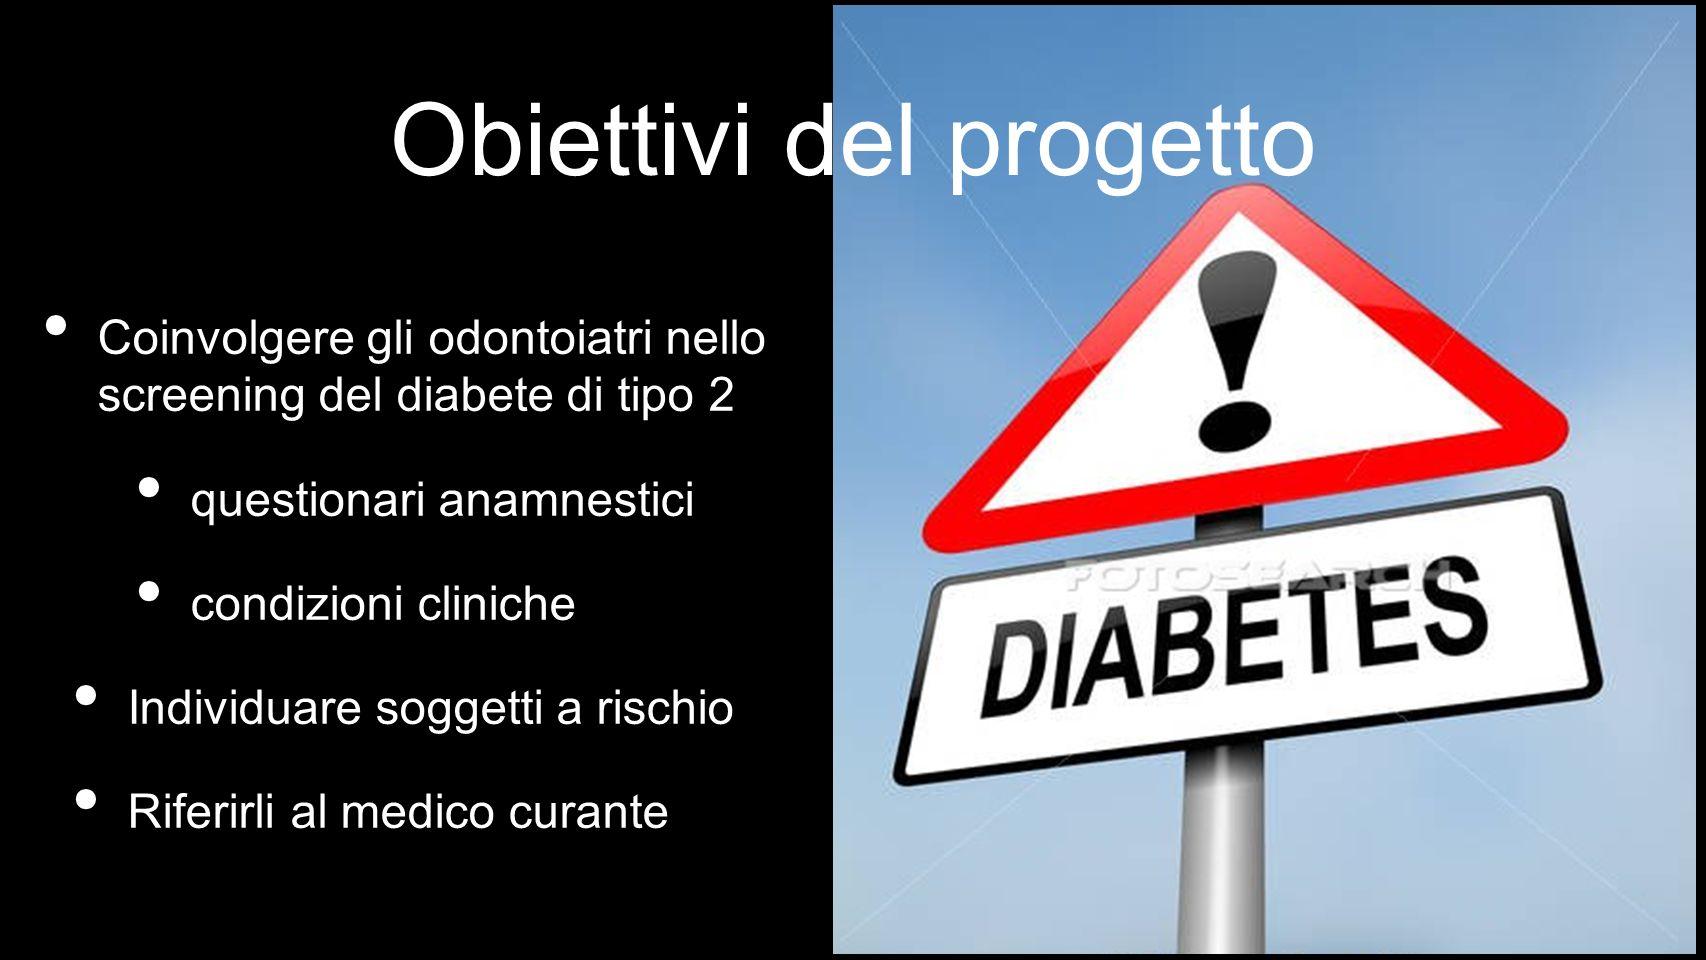 Coinvolgere gli odontoiatri nello screening del diabete di tipo 2 questionari anamnestici condizioni cliniche Individuare soggetti a rischio Riferirli al medico curante Obiettivi del progetto